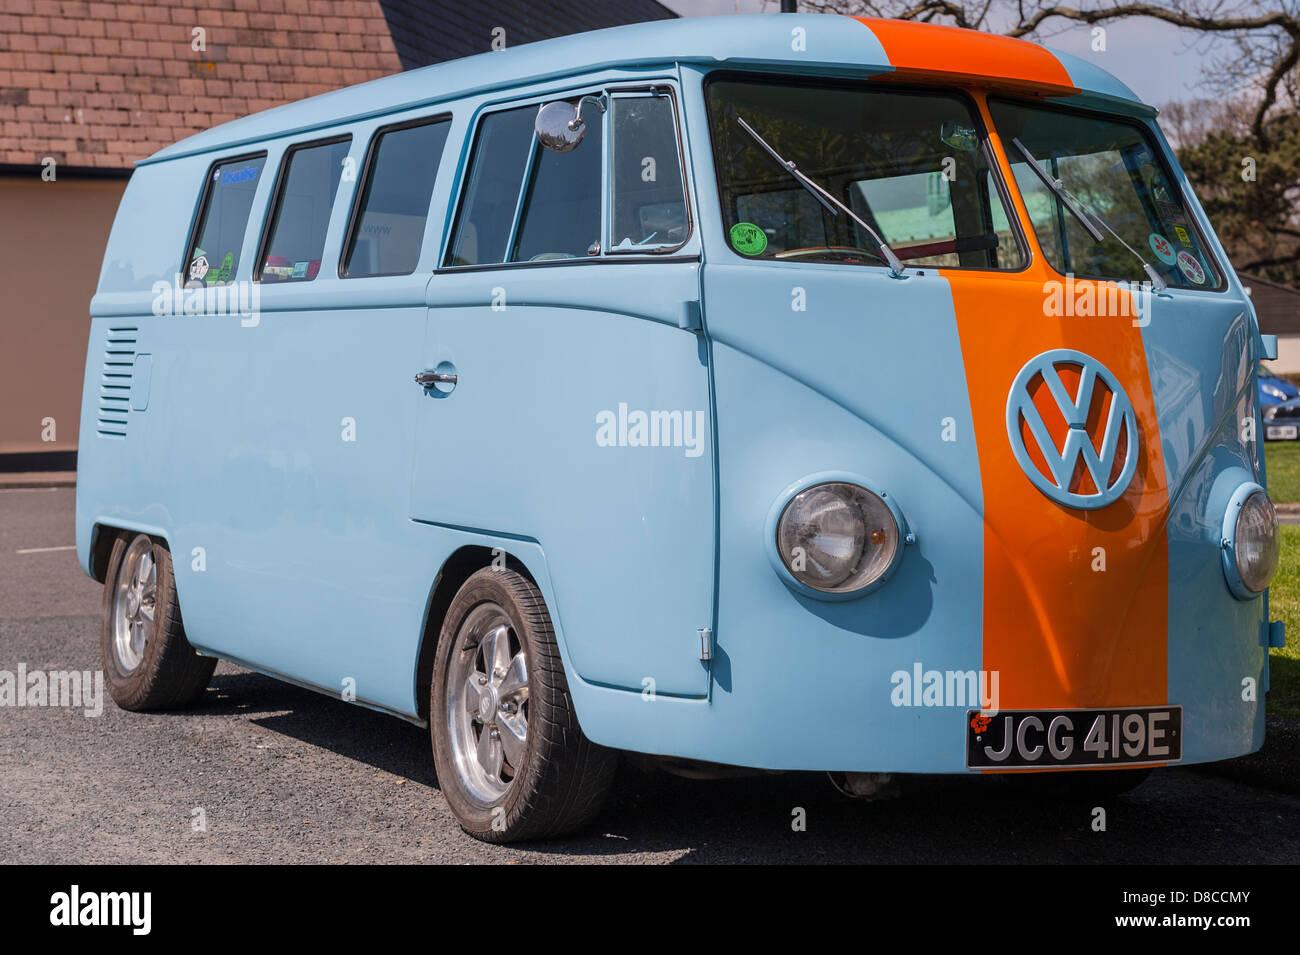 A split screen VW campervan in the Uk - Stock Image